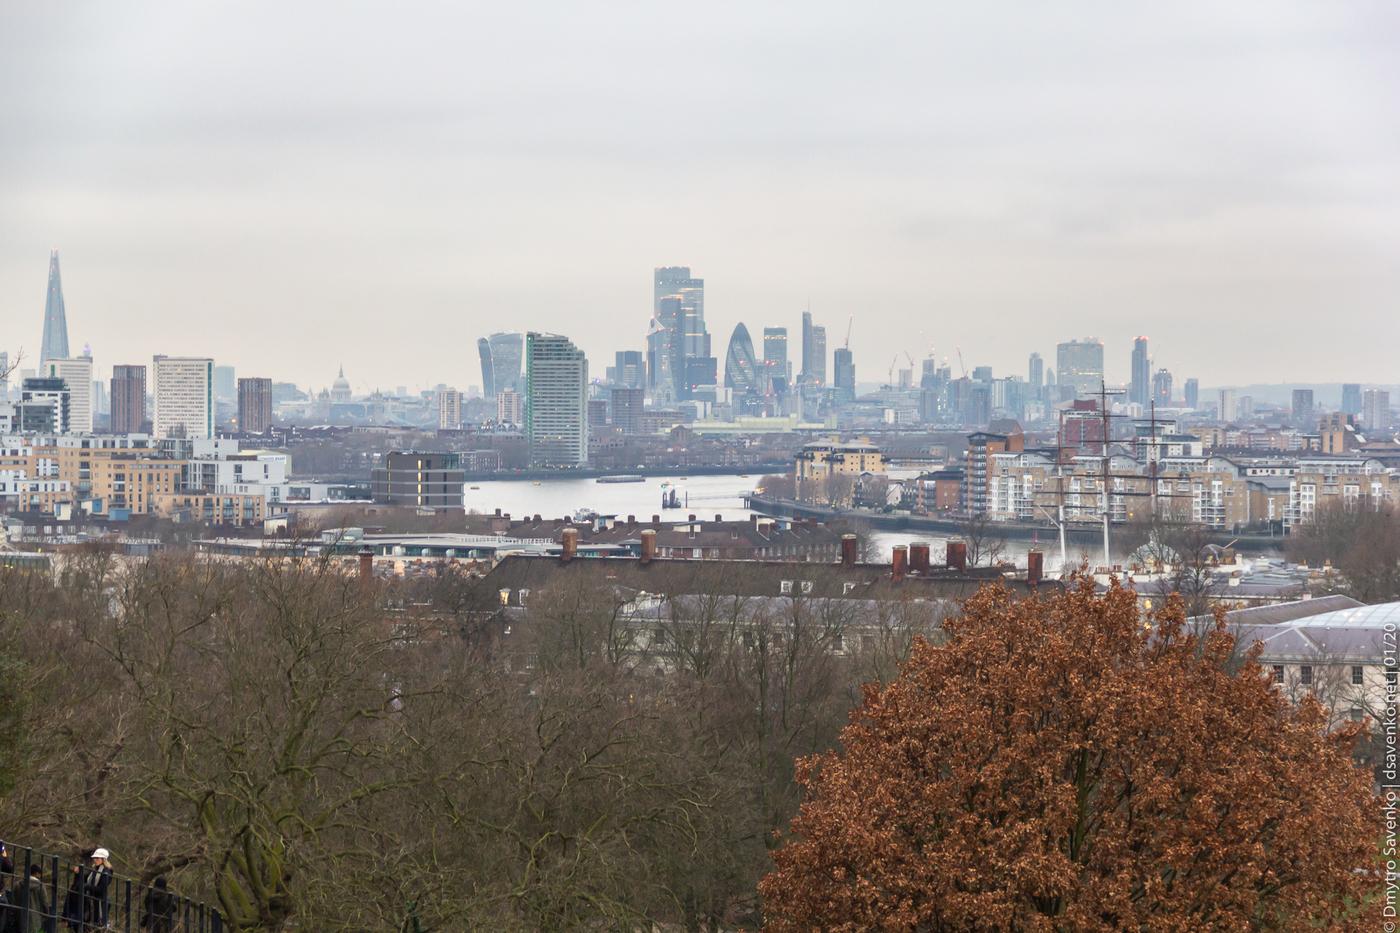 london_202001_028